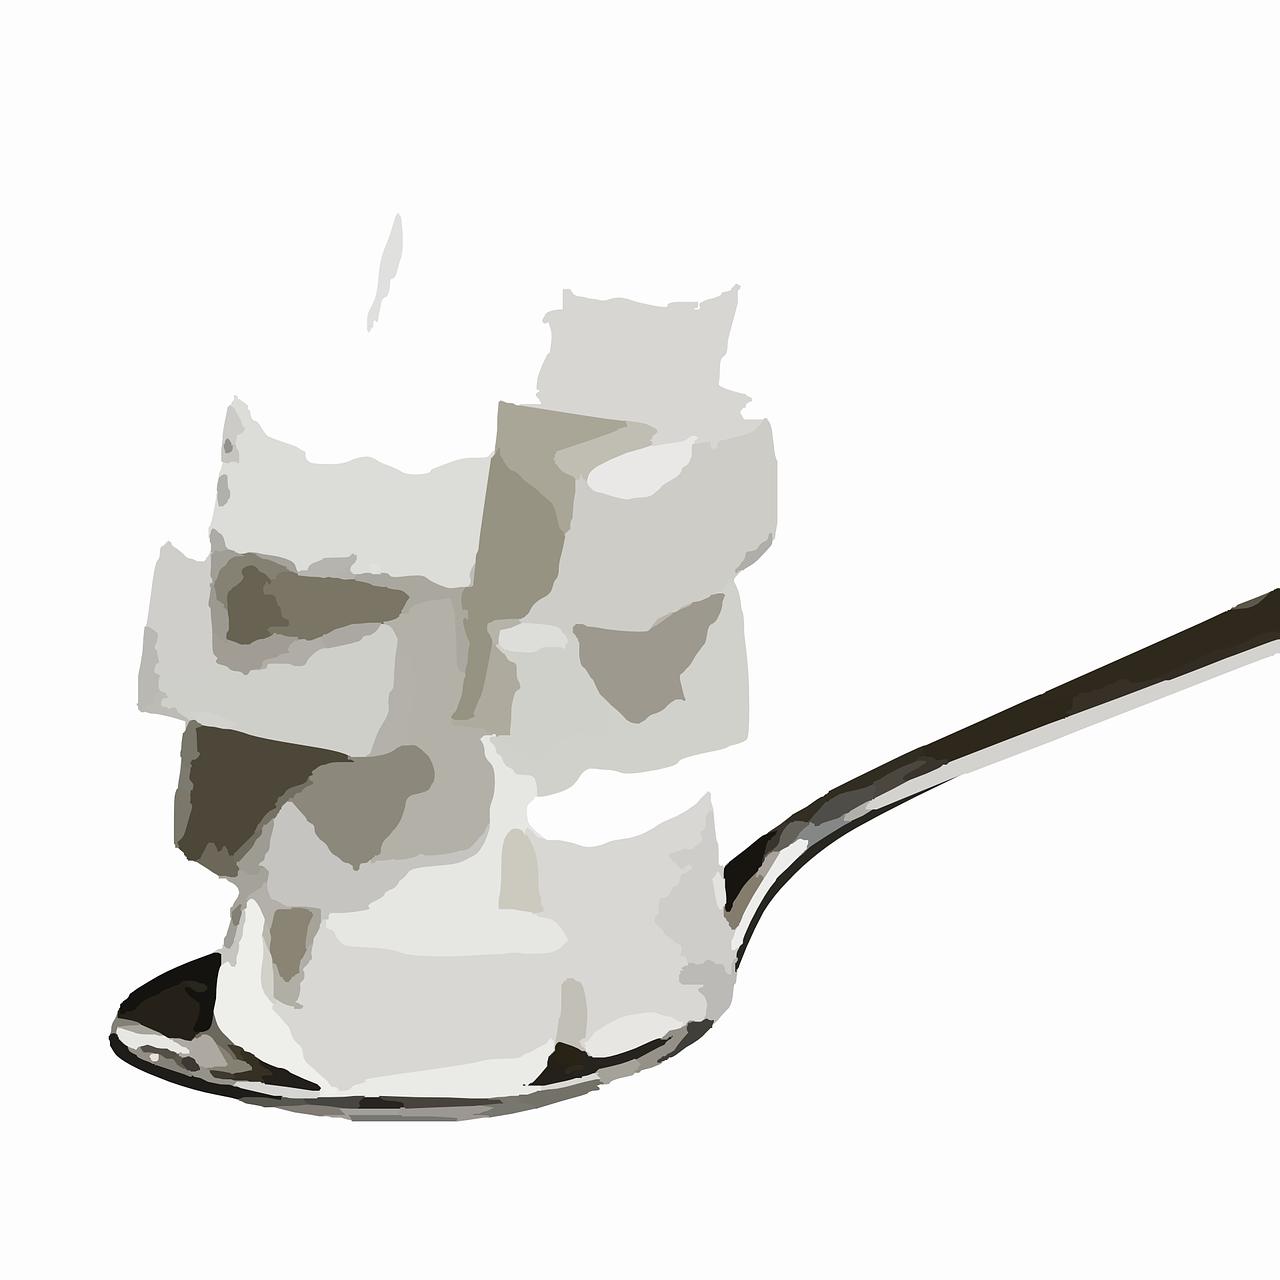 Löffel mit Zuckerstückchen zum Abschmecken und nachzuckern.